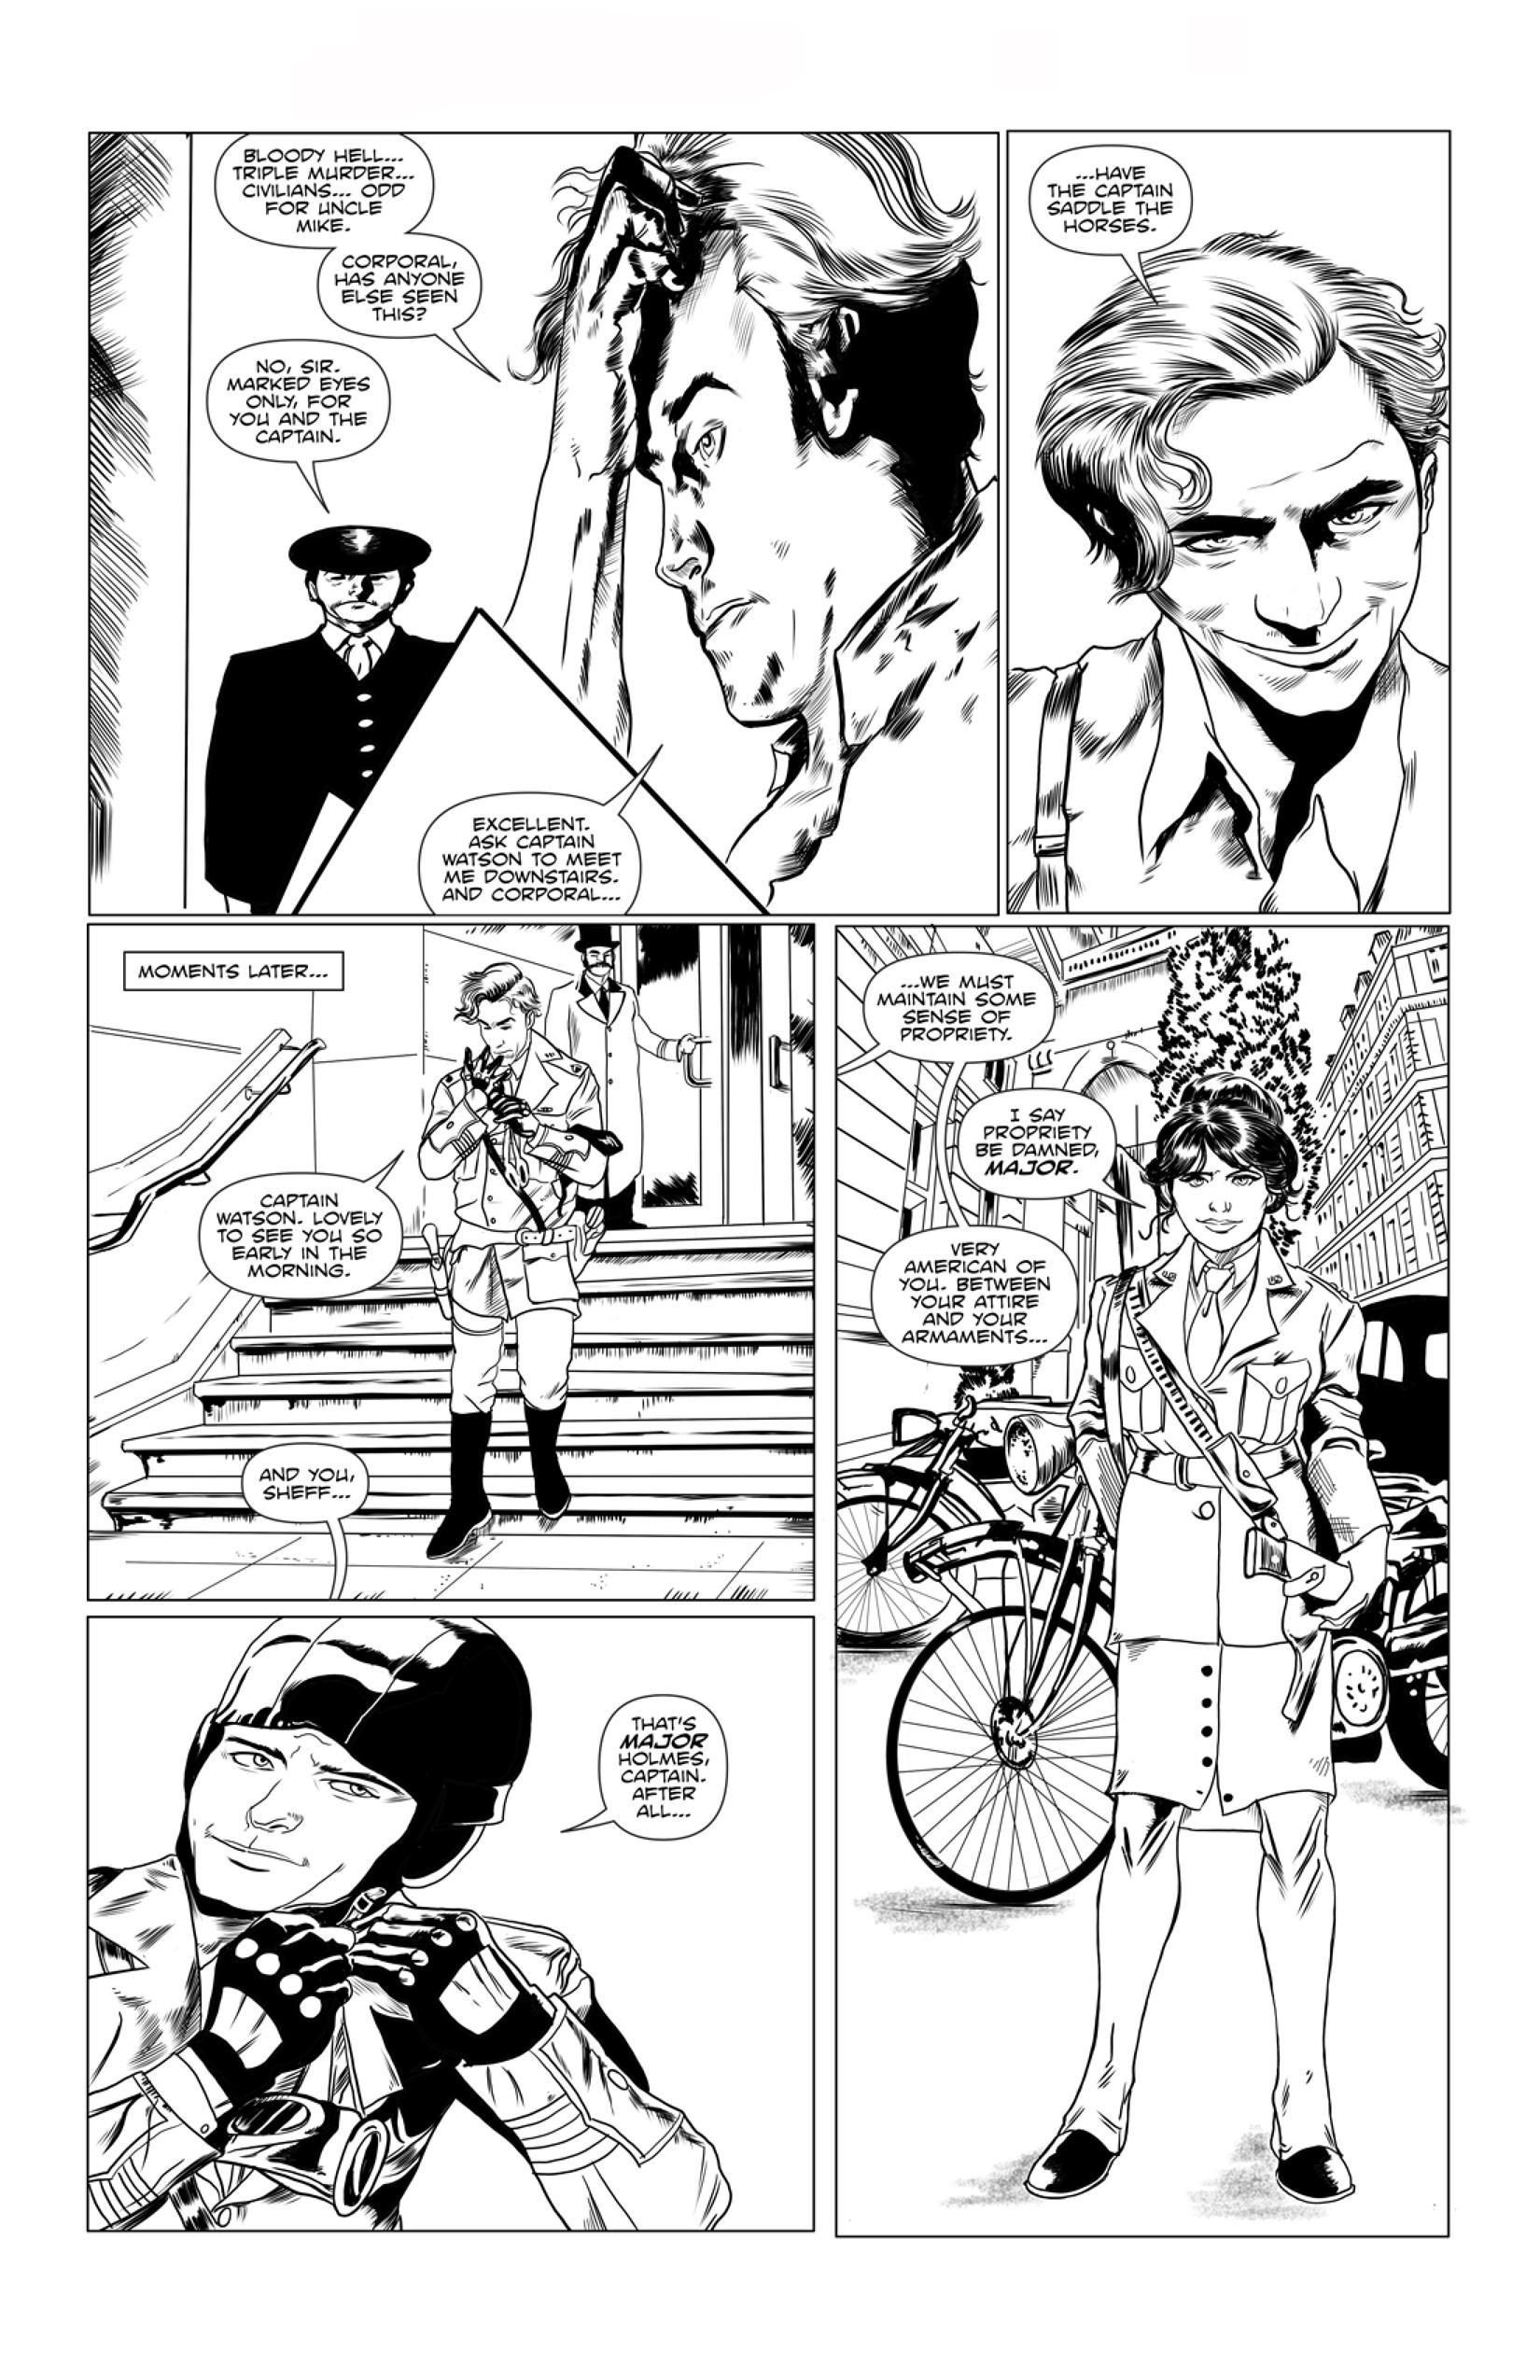 maj. holmes & capt. watson 1 page 3